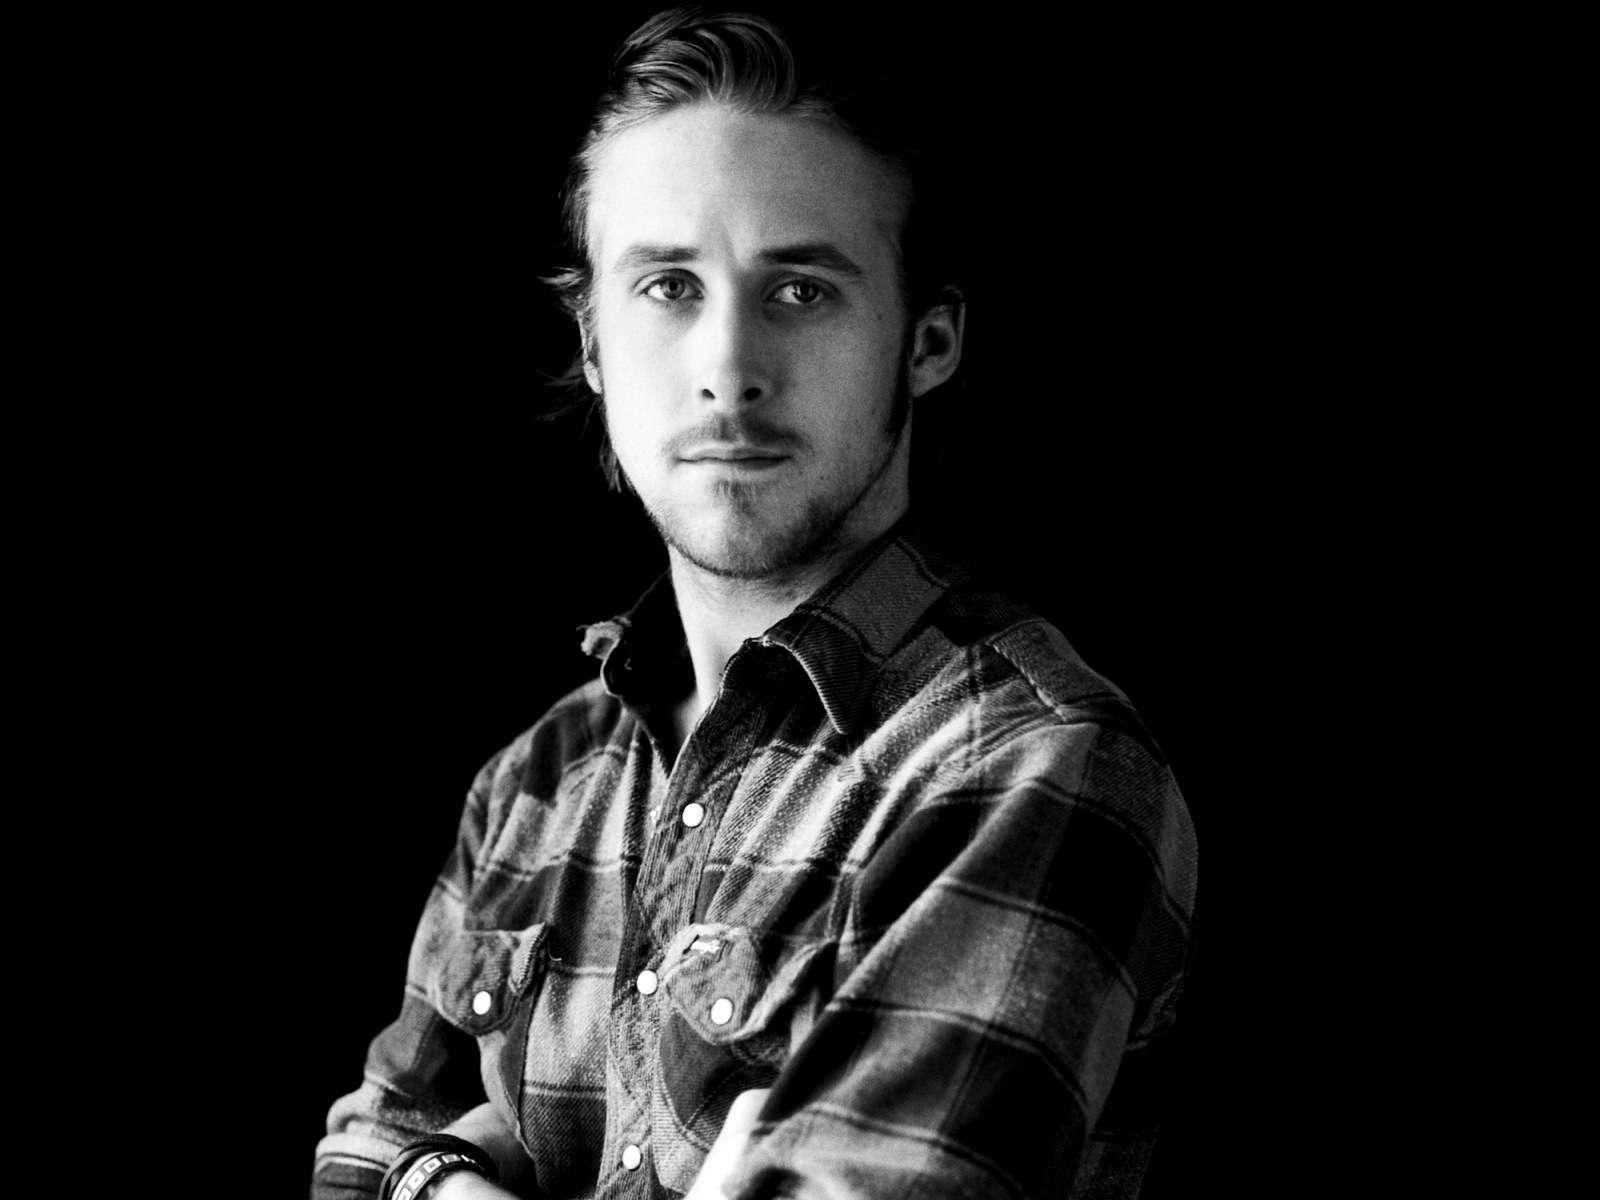 Ryan Gosling HD Wallpaper AMBWallpapers 1600x1200